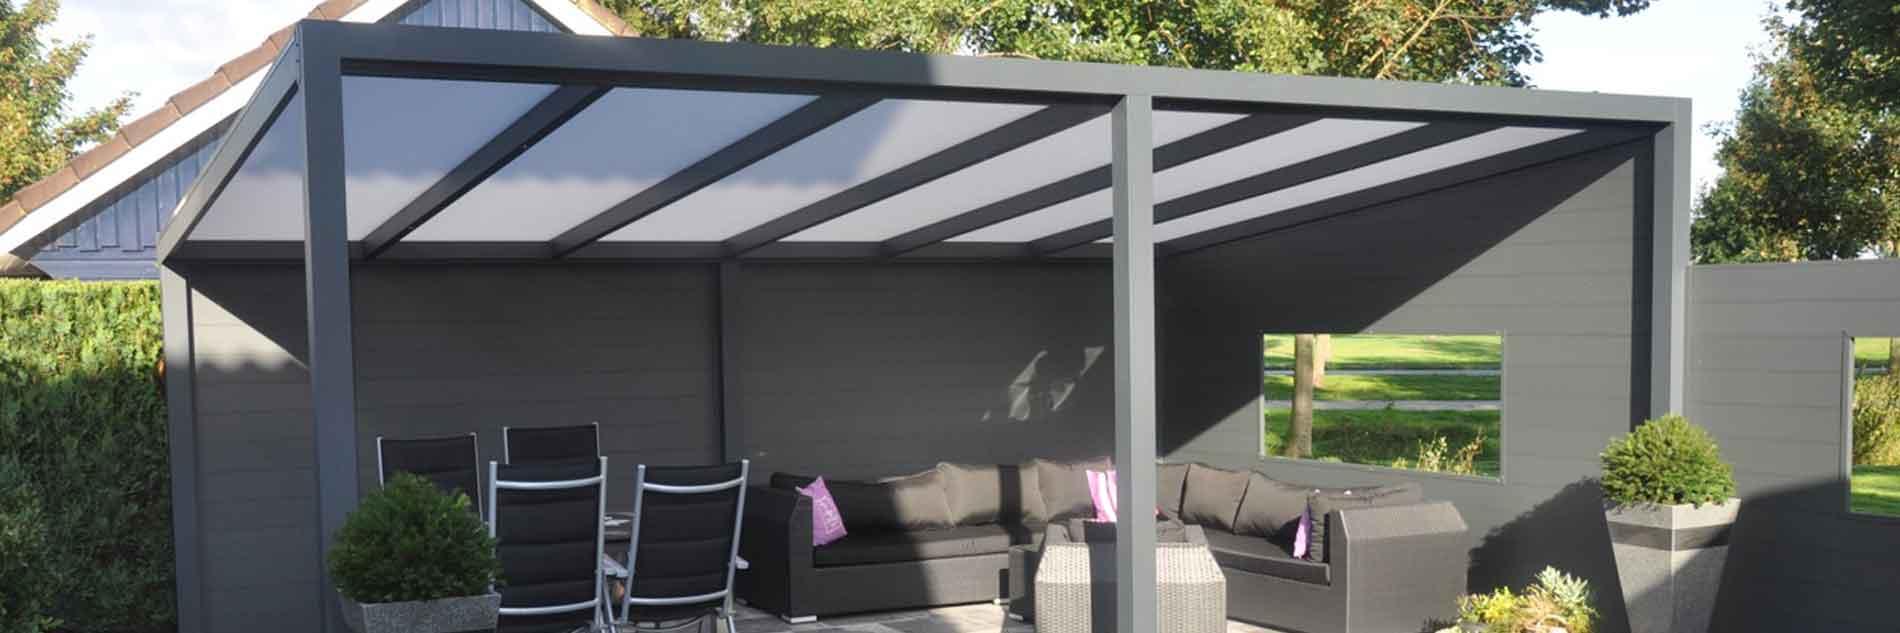 terrassen berdachung aus berlin preiswert von sodona. Black Bedroom Furniture Sets. Home Design Ideas